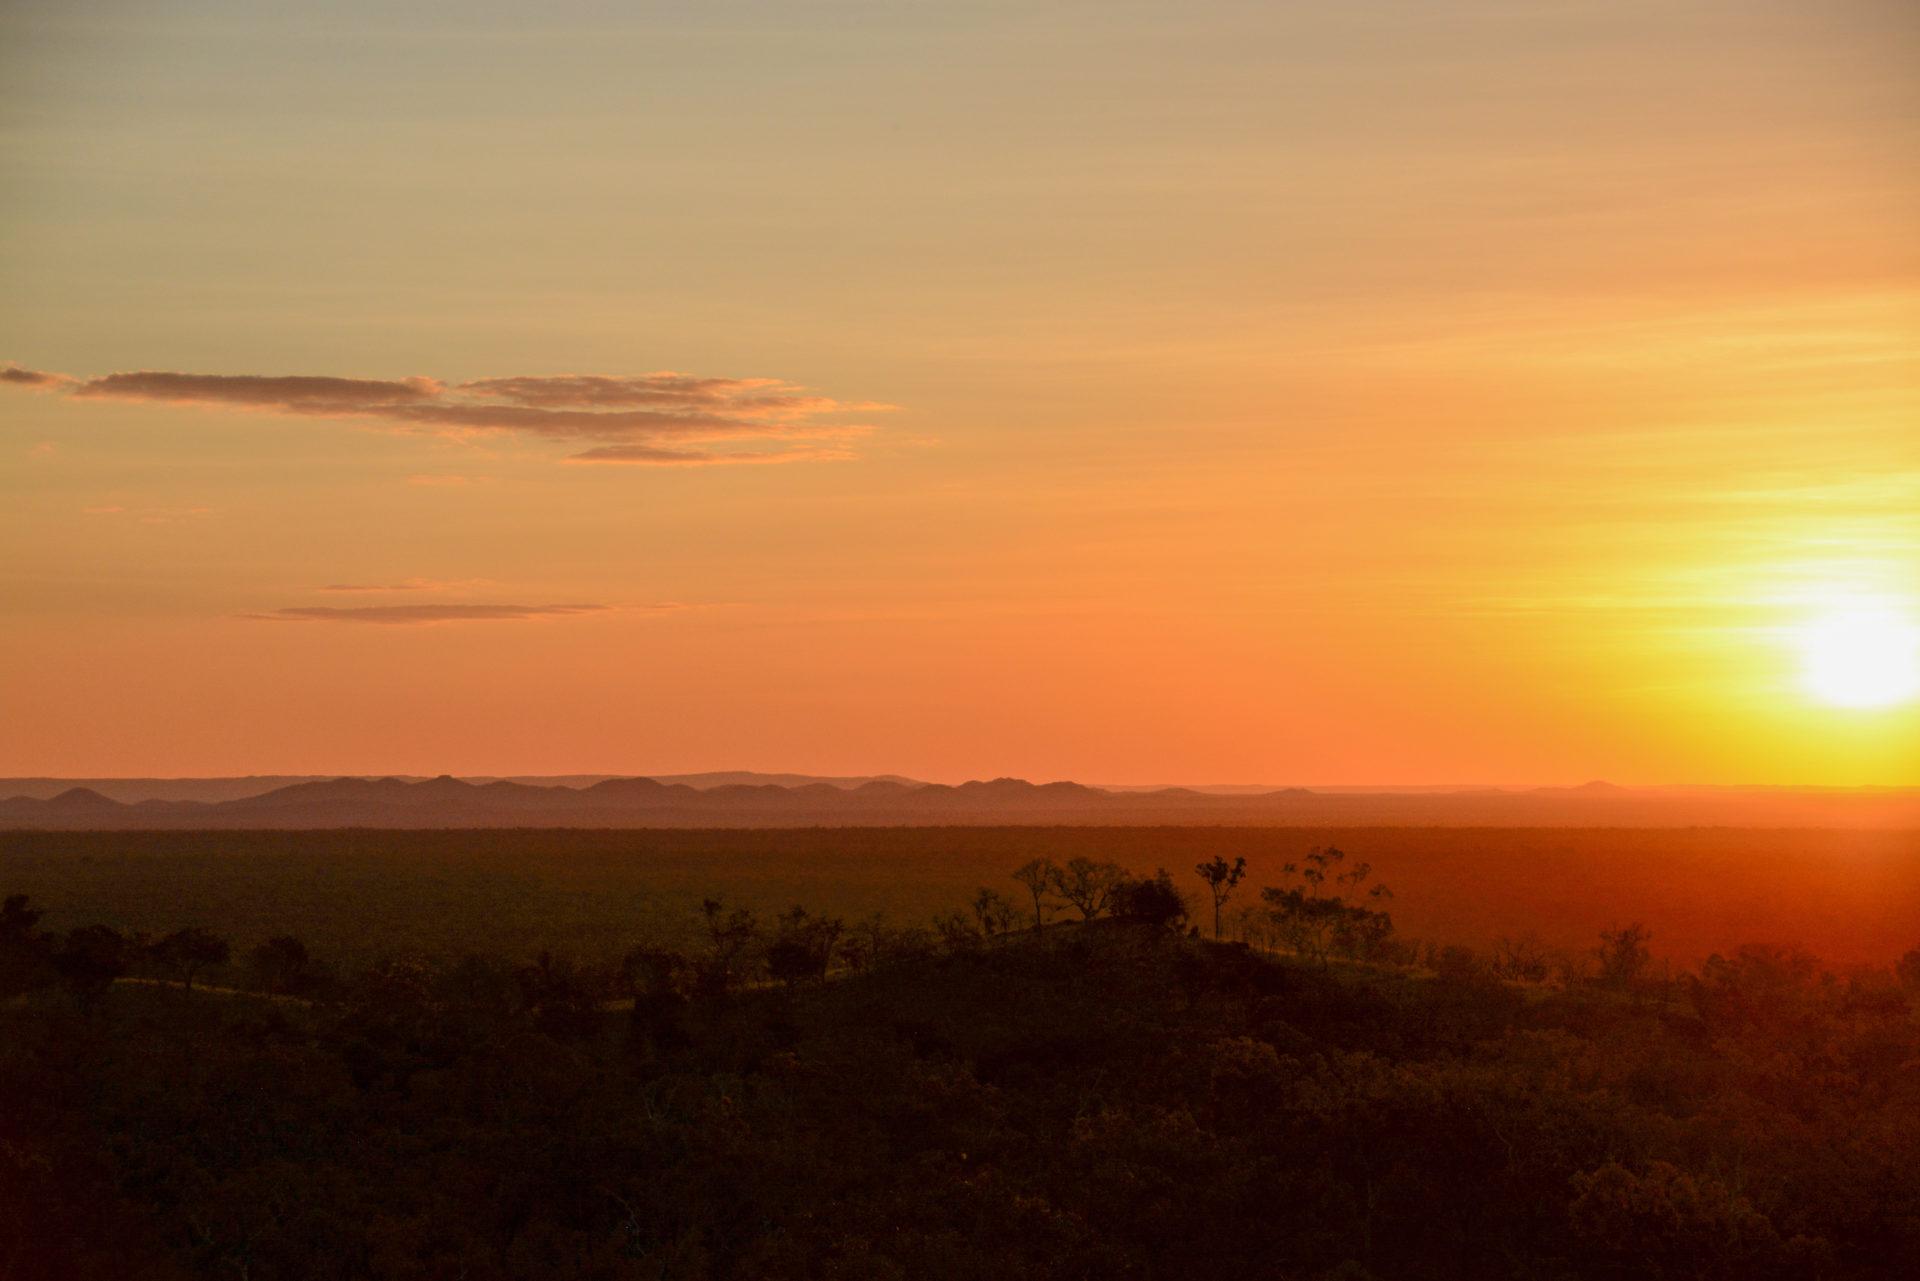 Sonnenuntergang über dem Buschland während Road Trip durch Queensland